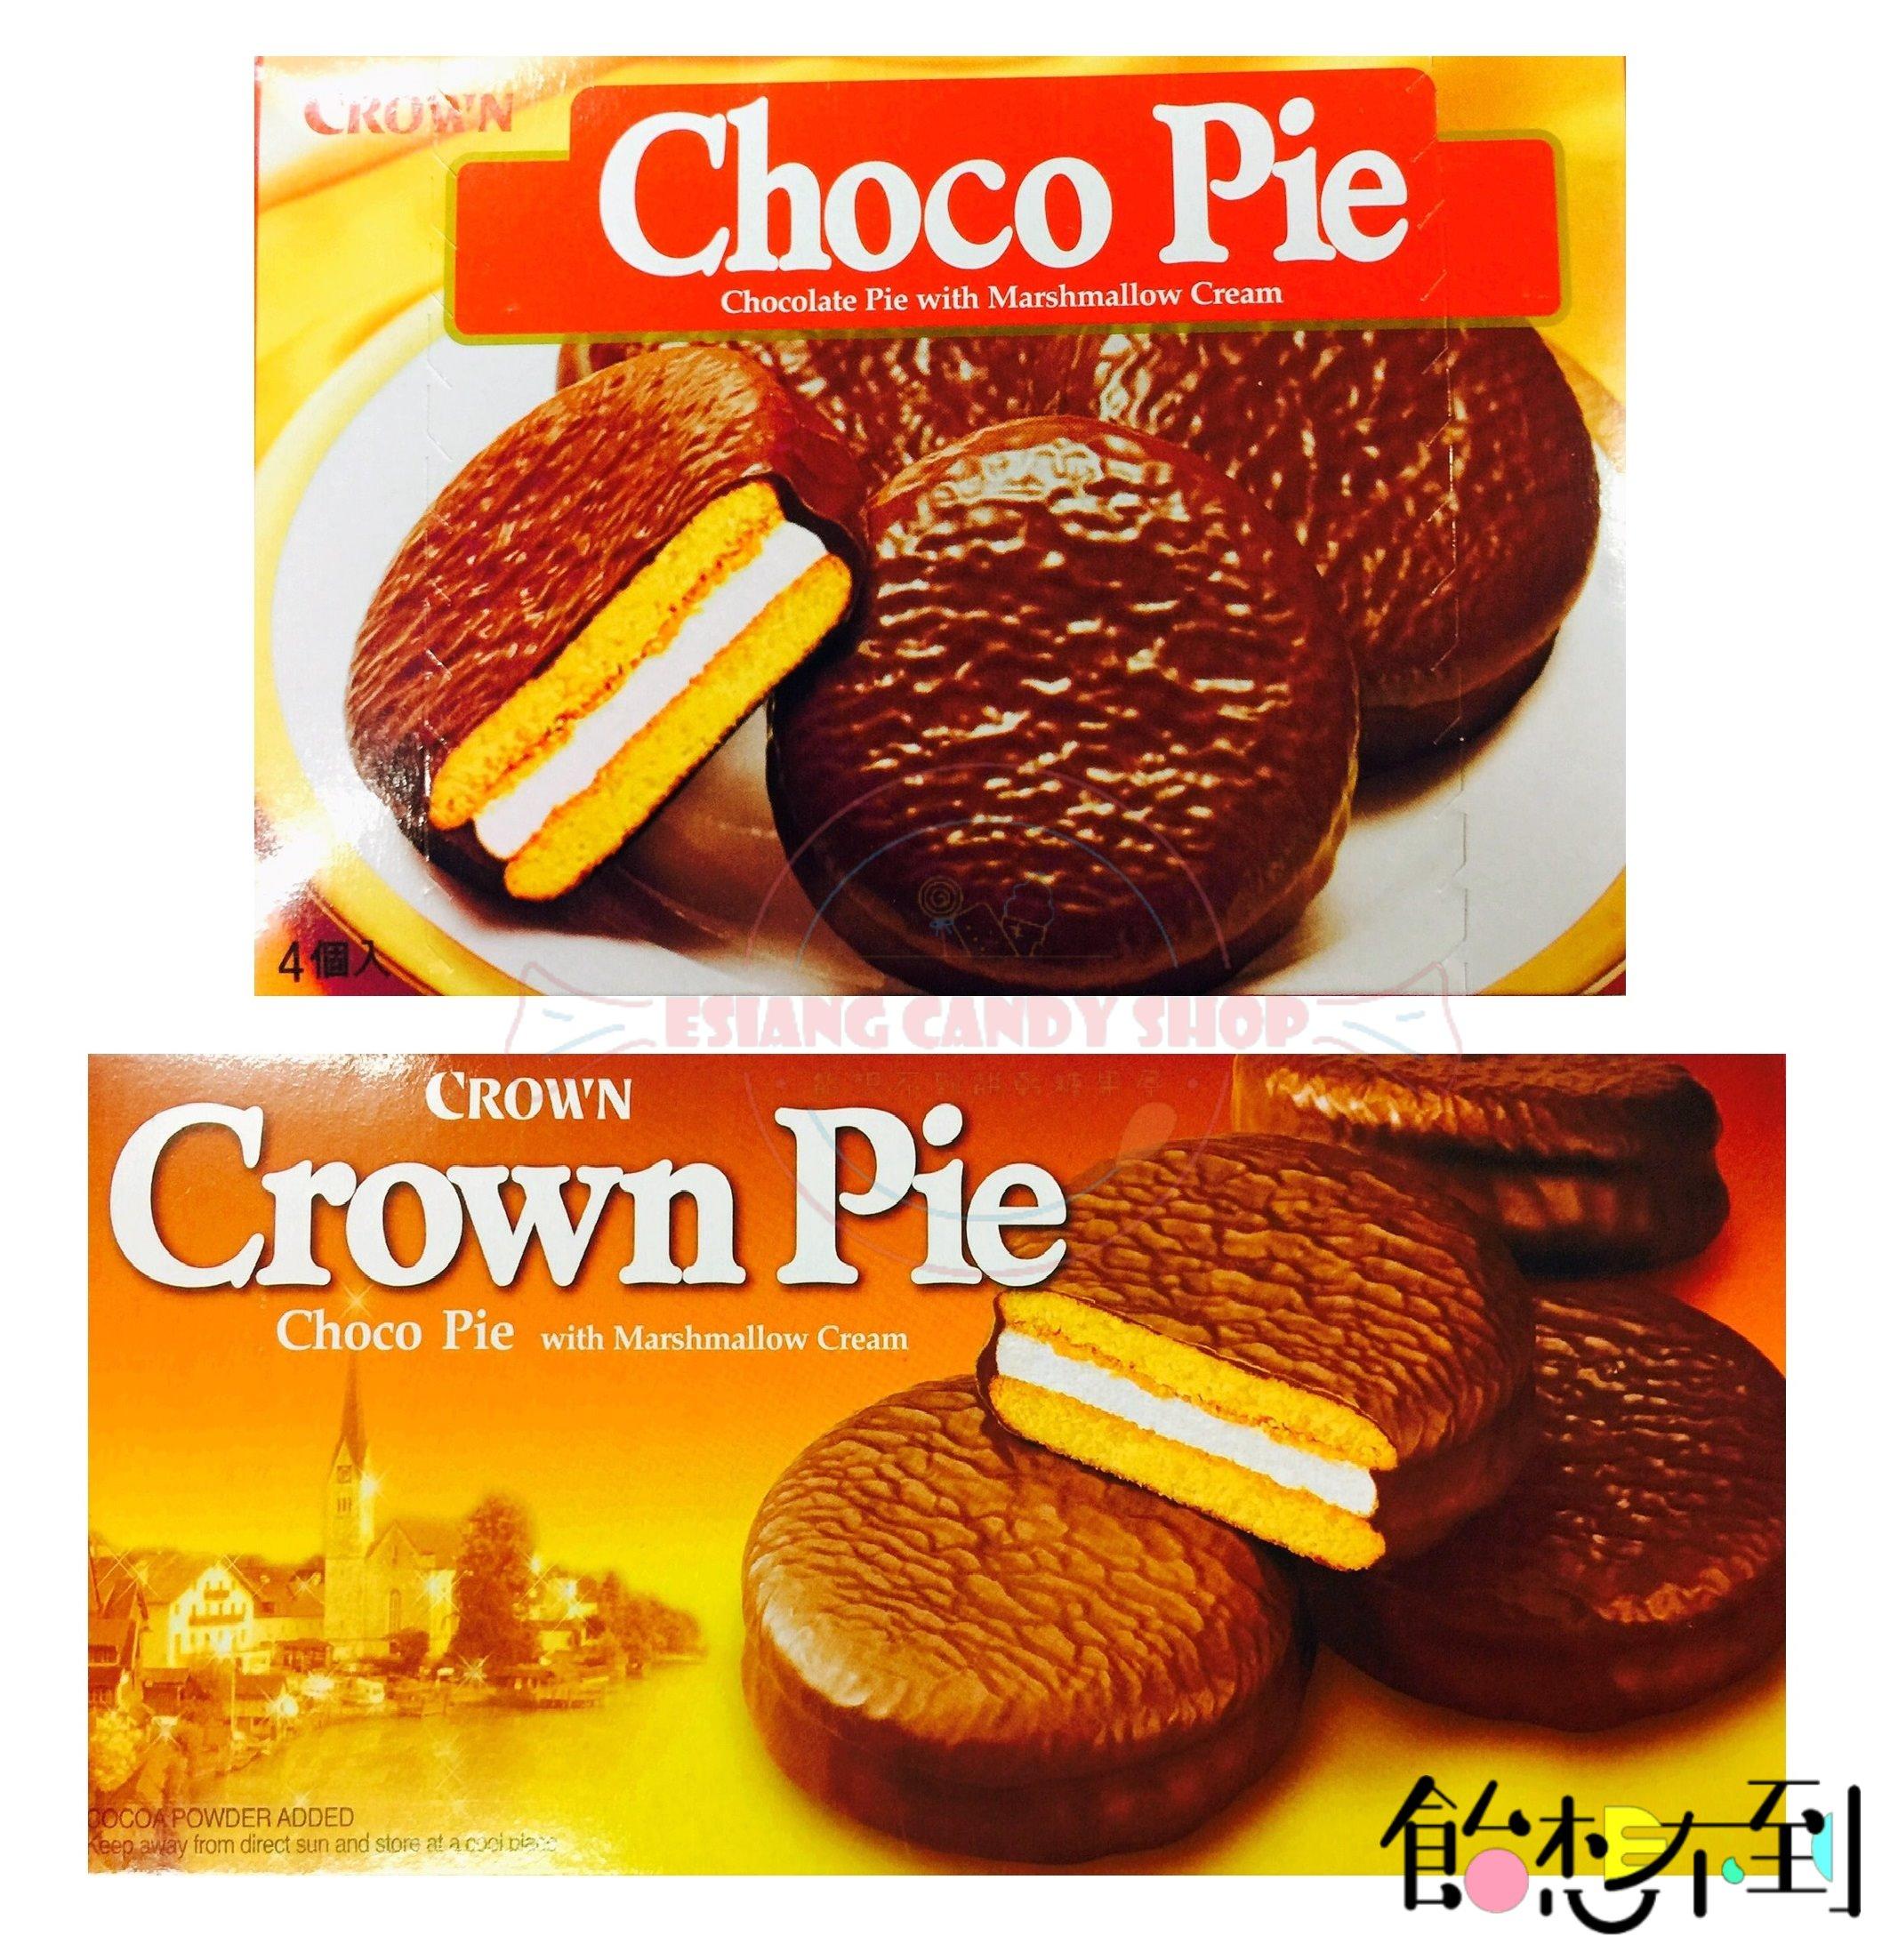 〚乖乖〛 Crown巧克力派 - 小盒120g / 大盒180g